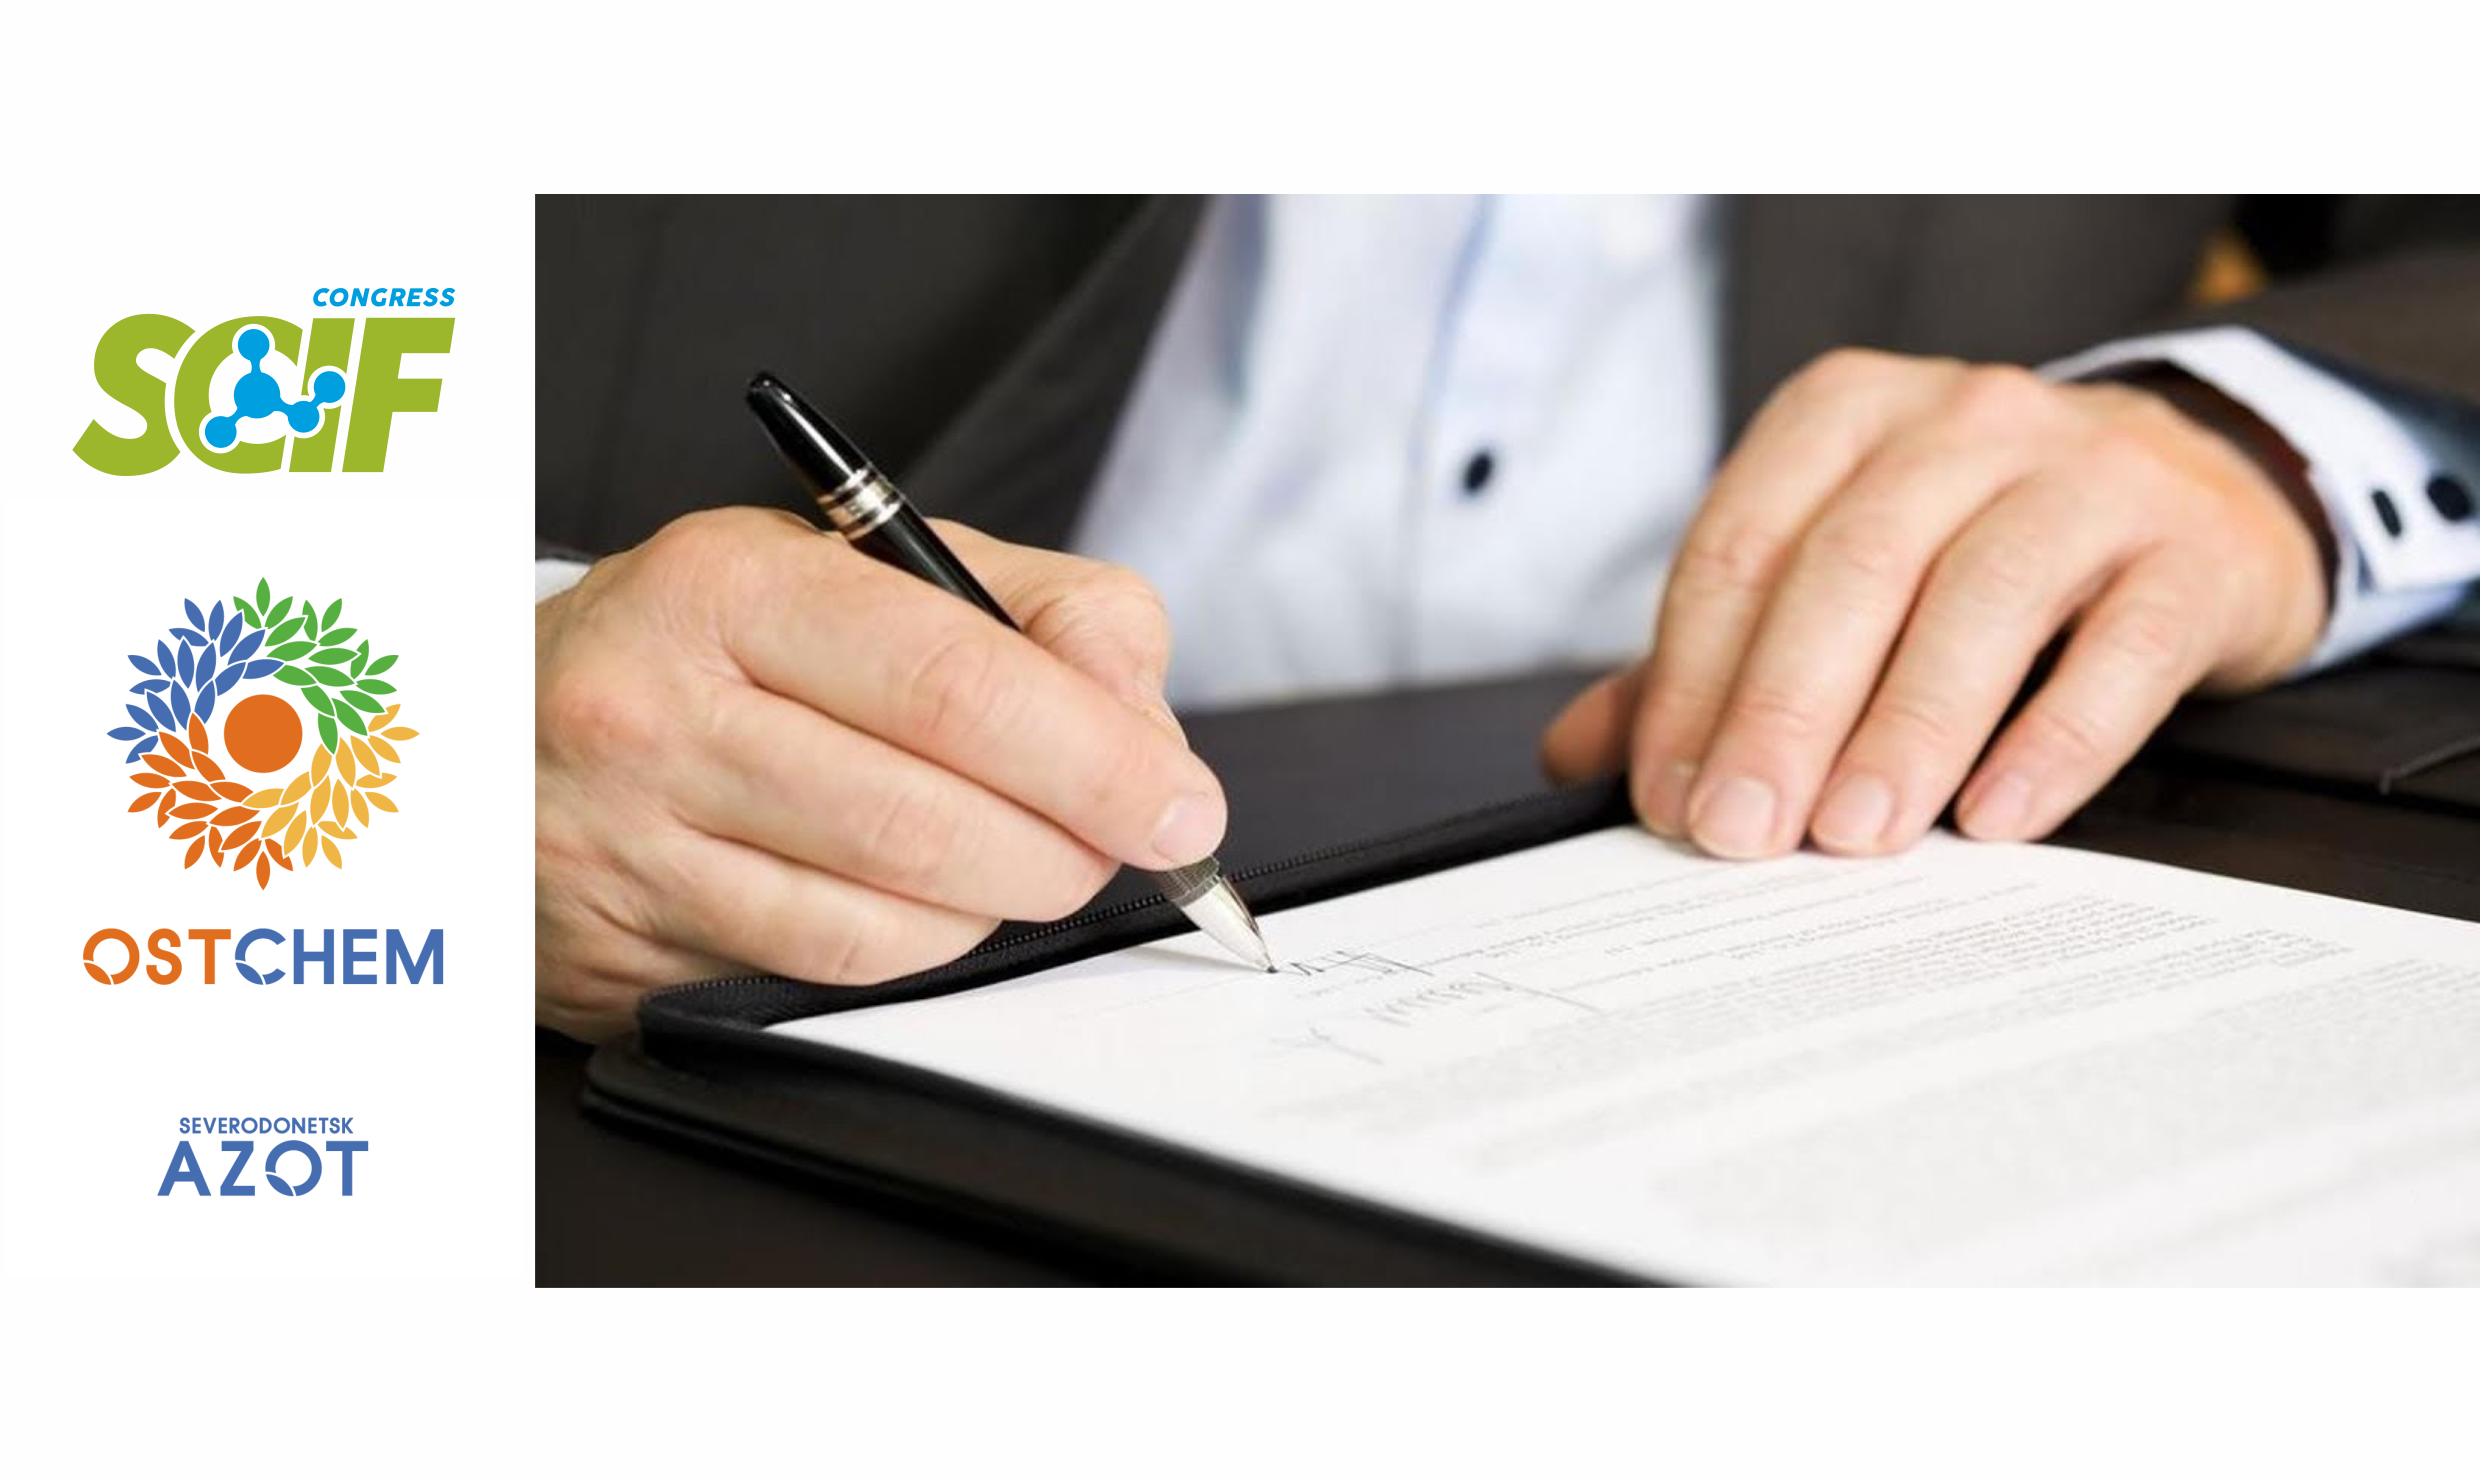 SCIF Congress и ЧАО «СЕВЕРОДОНЕЦКОЕ ОБЪЕДИНЕНИЕ АЗОТ» подписали Меморандум о сотрудничестве и взаимодействии